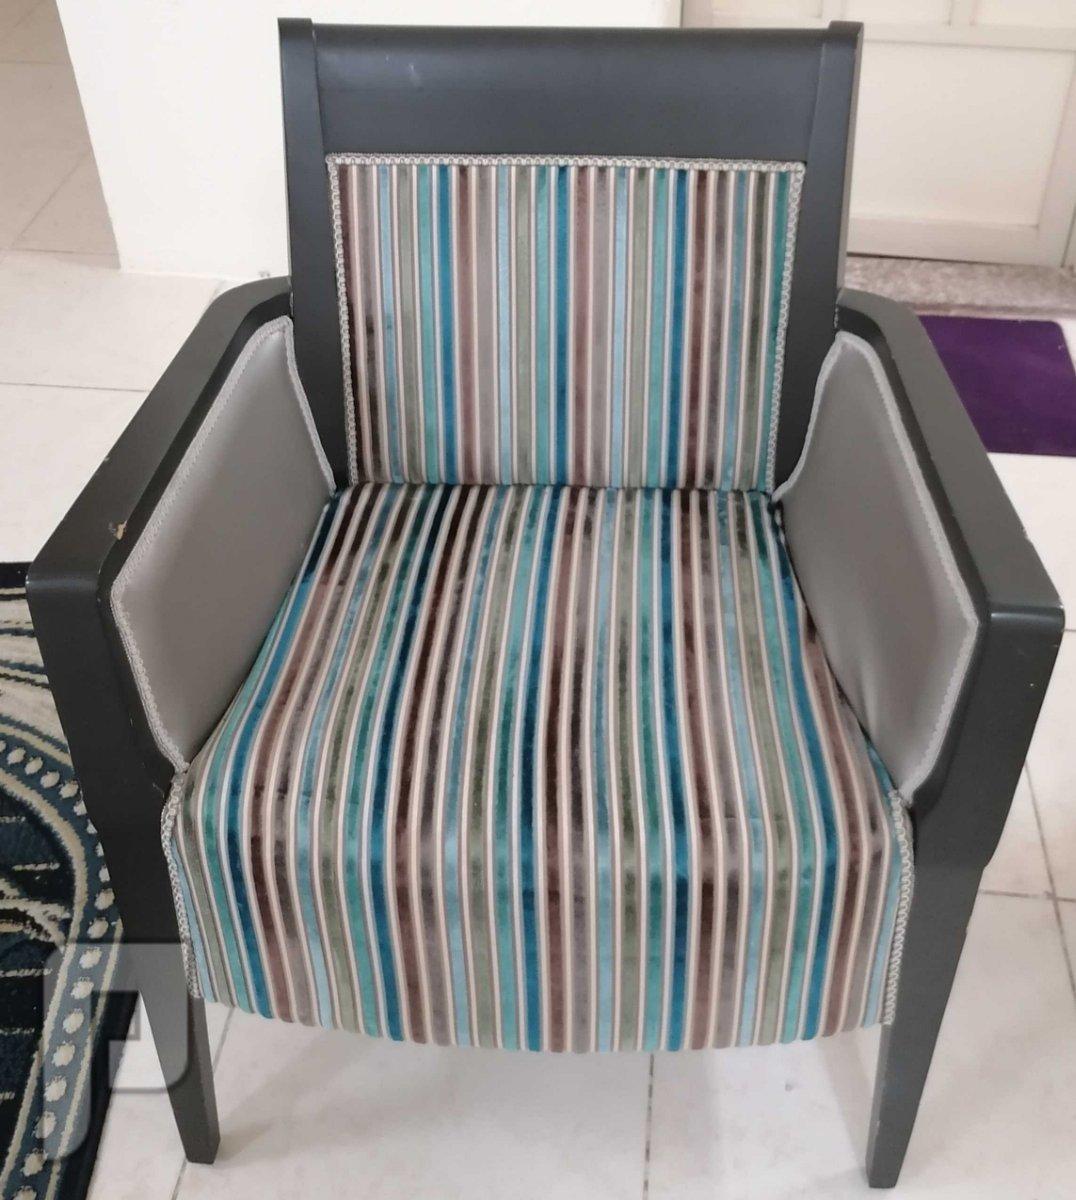 كرسي سوفا خشب زان بحالة ممتازة جداً